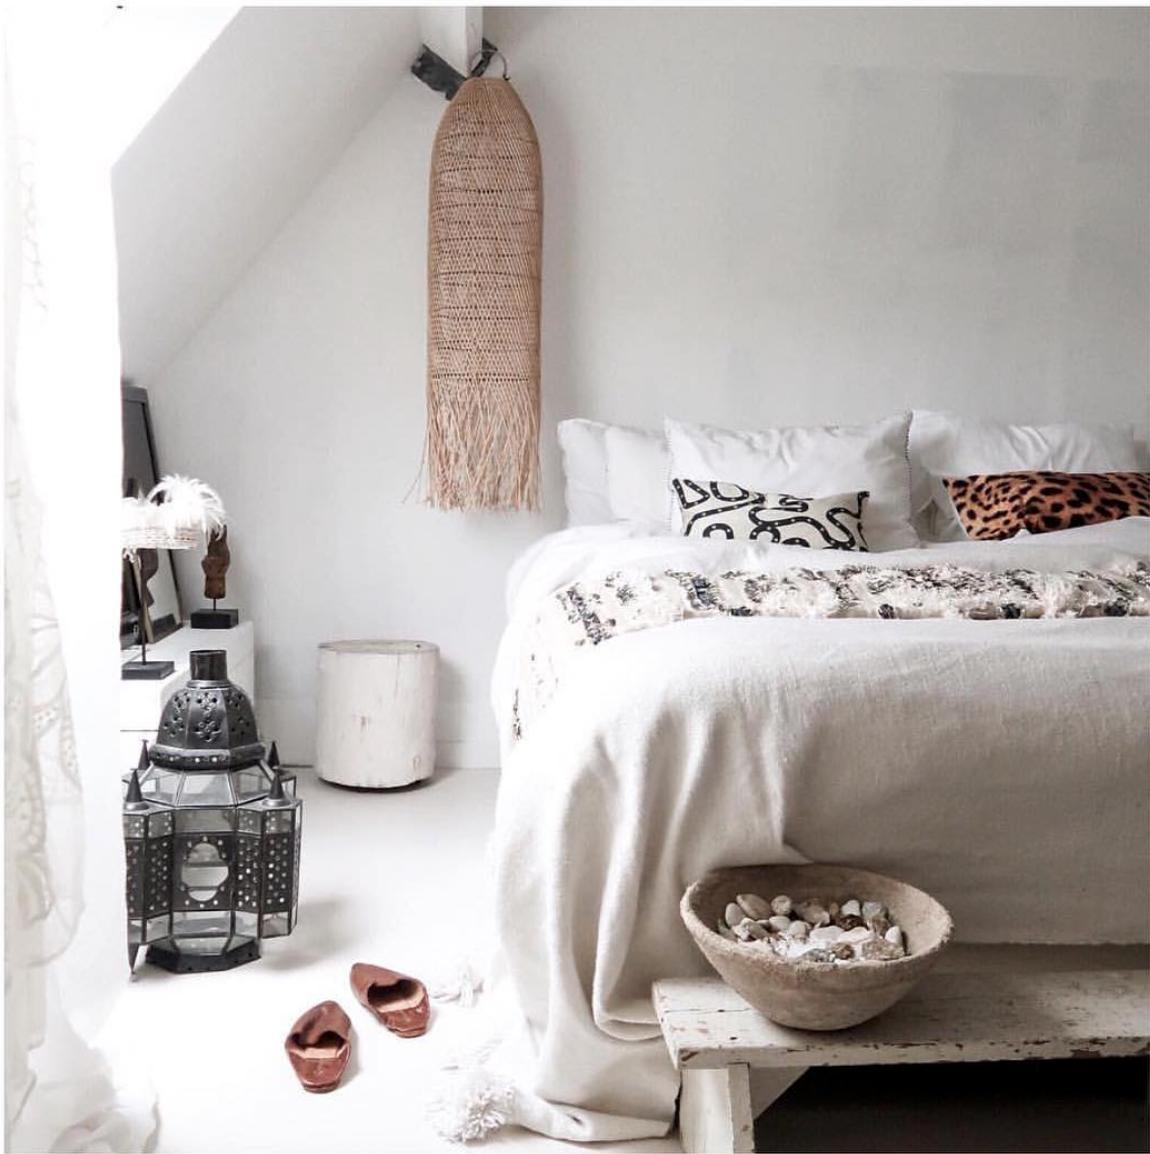 Petite Lily Interiors Lámpara de techo en rattan - natural - Ø30xH80